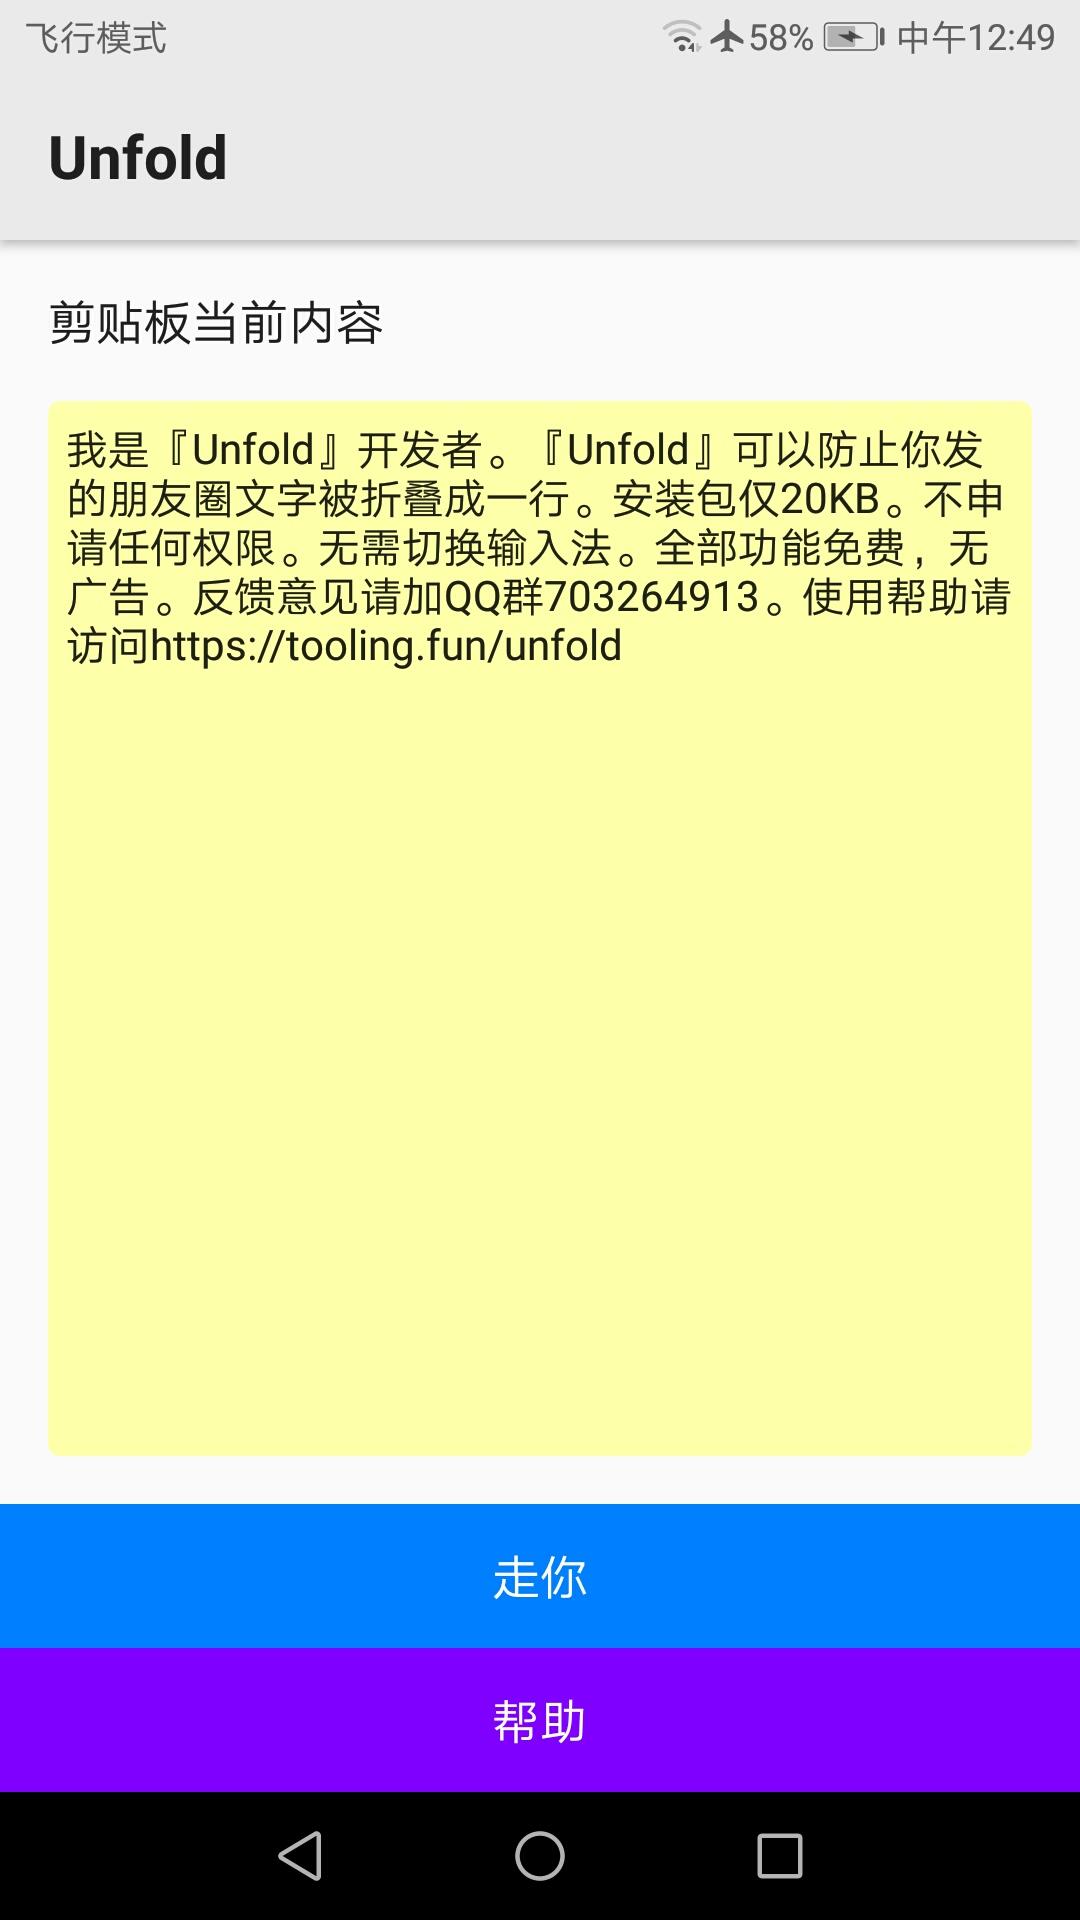 【资源分享】Unfold-爱小助